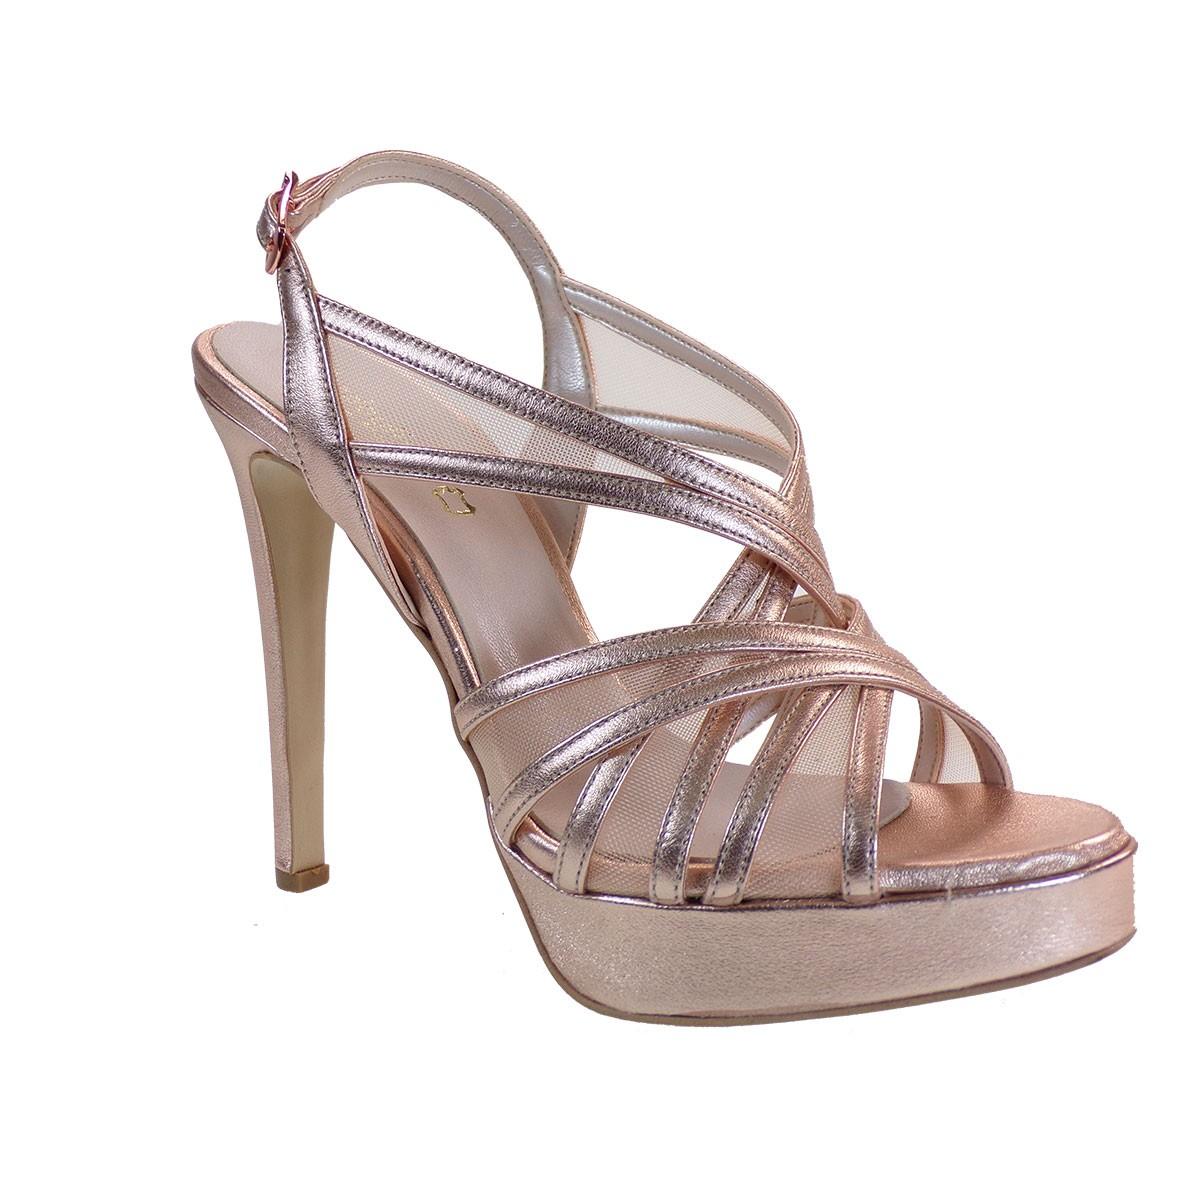 Fardoulis shoes Γυναικεία Παπούτσια Πέδιλα 3044Λ Χαλκός Δέρμα